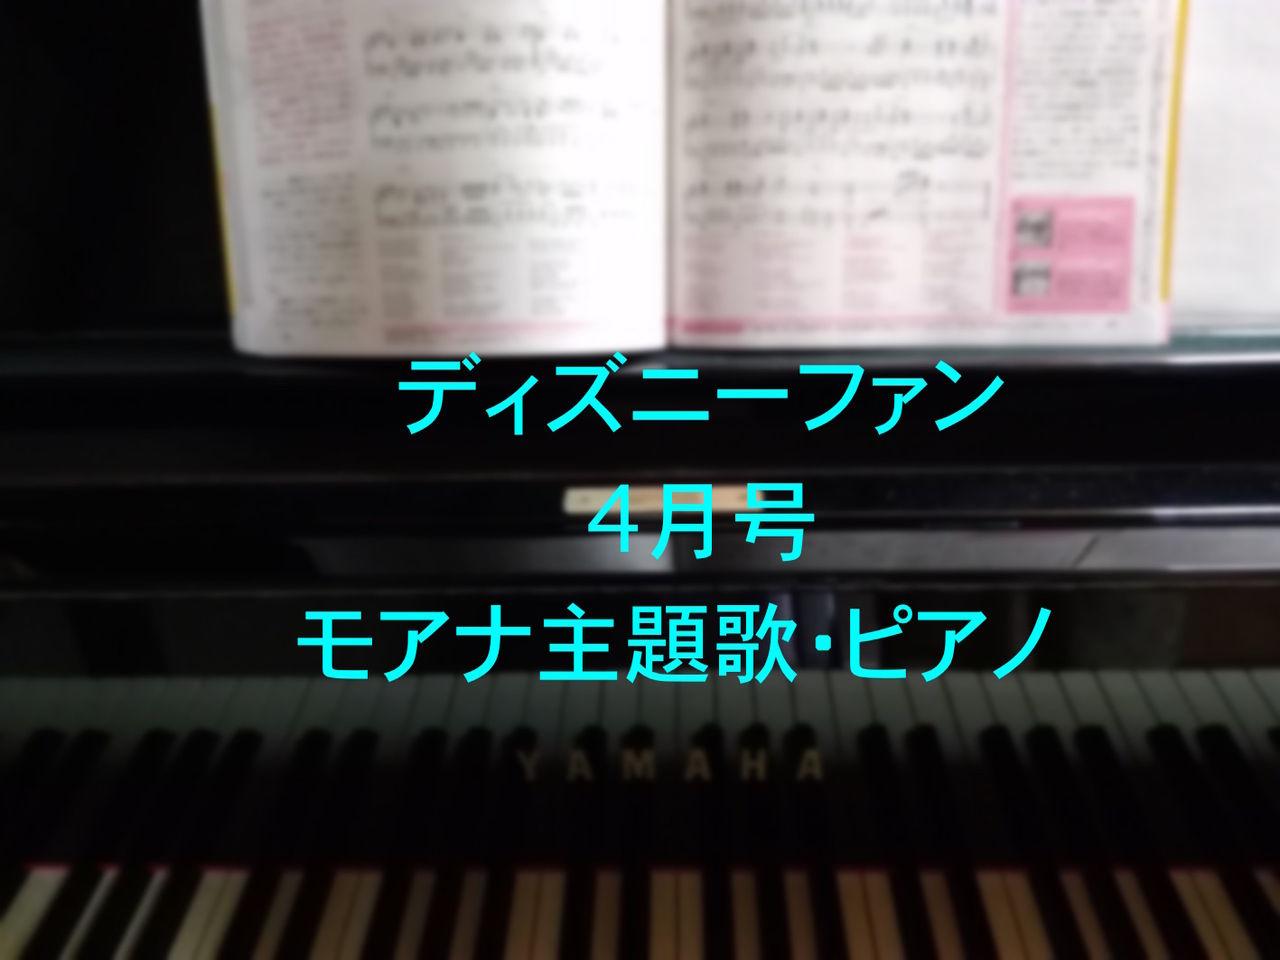 【ディズニーファン2017年4月号】モアナ主題歌「ハウファーアイルゴー」ピアノ練習のポイント